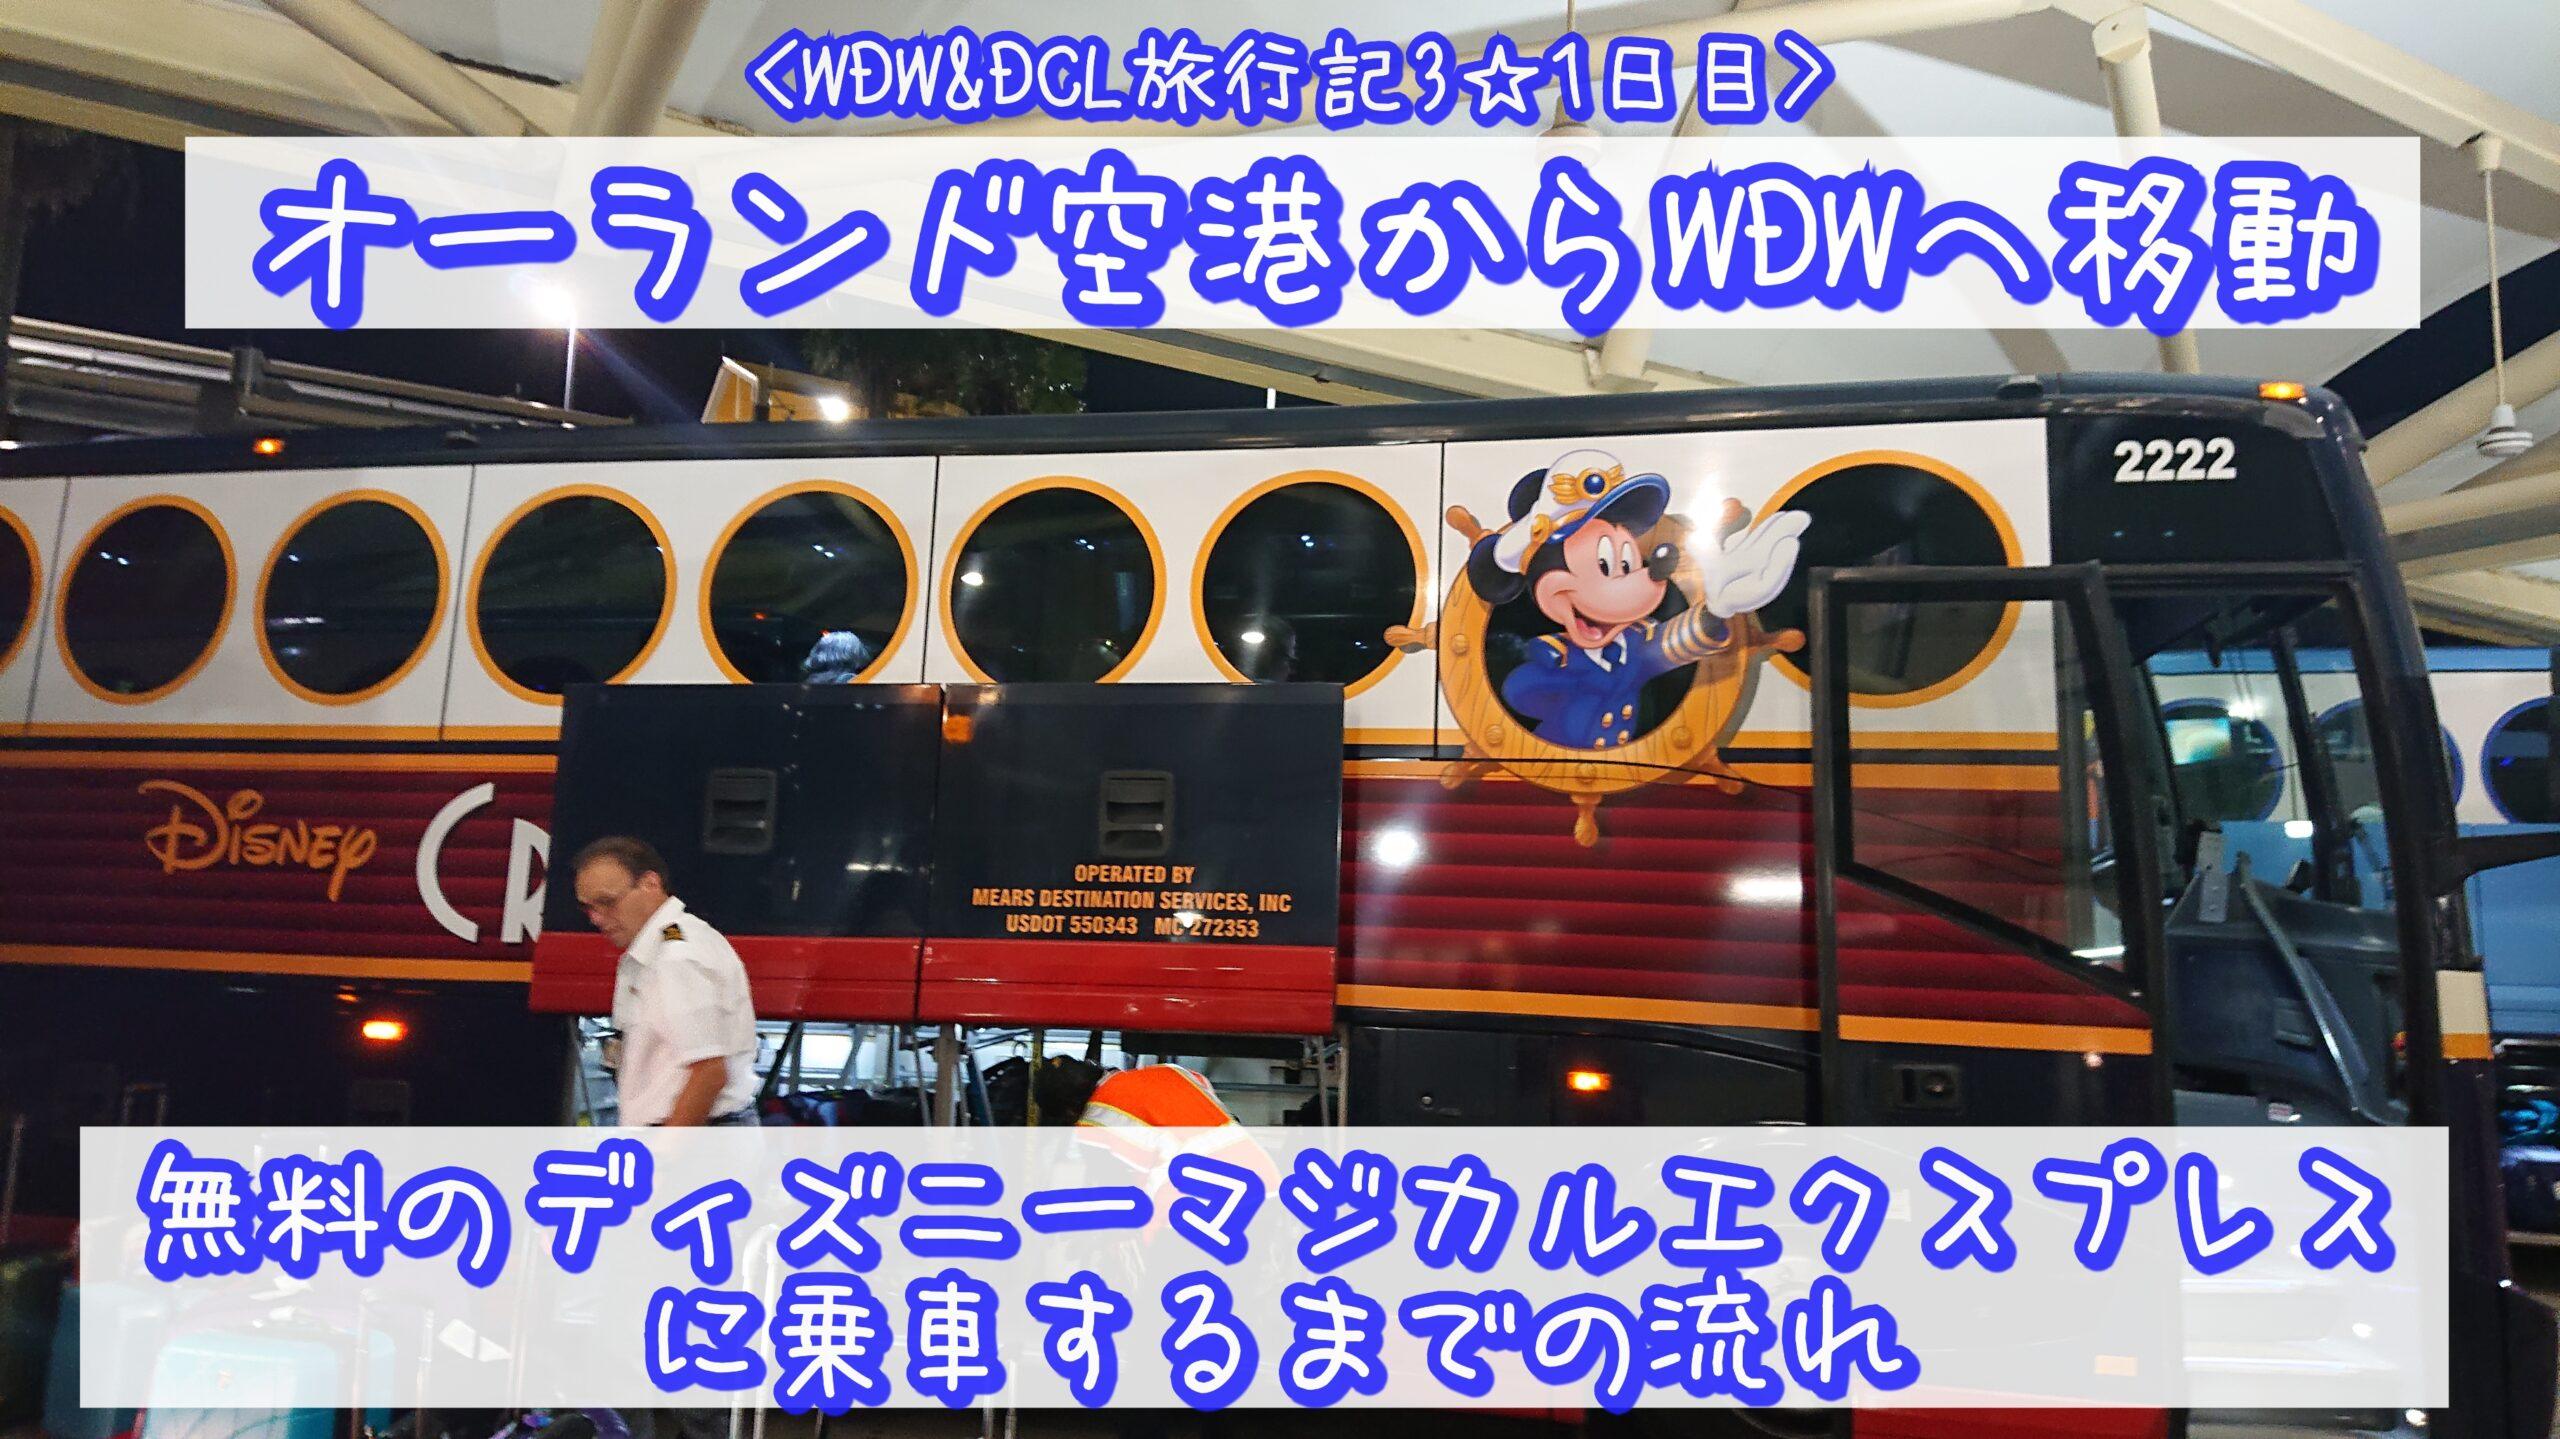 【WDW&DCL】オーランド空港からWDWへ移動 無料のディズニーマジカルエクスプレスに乗車するまでの流れ